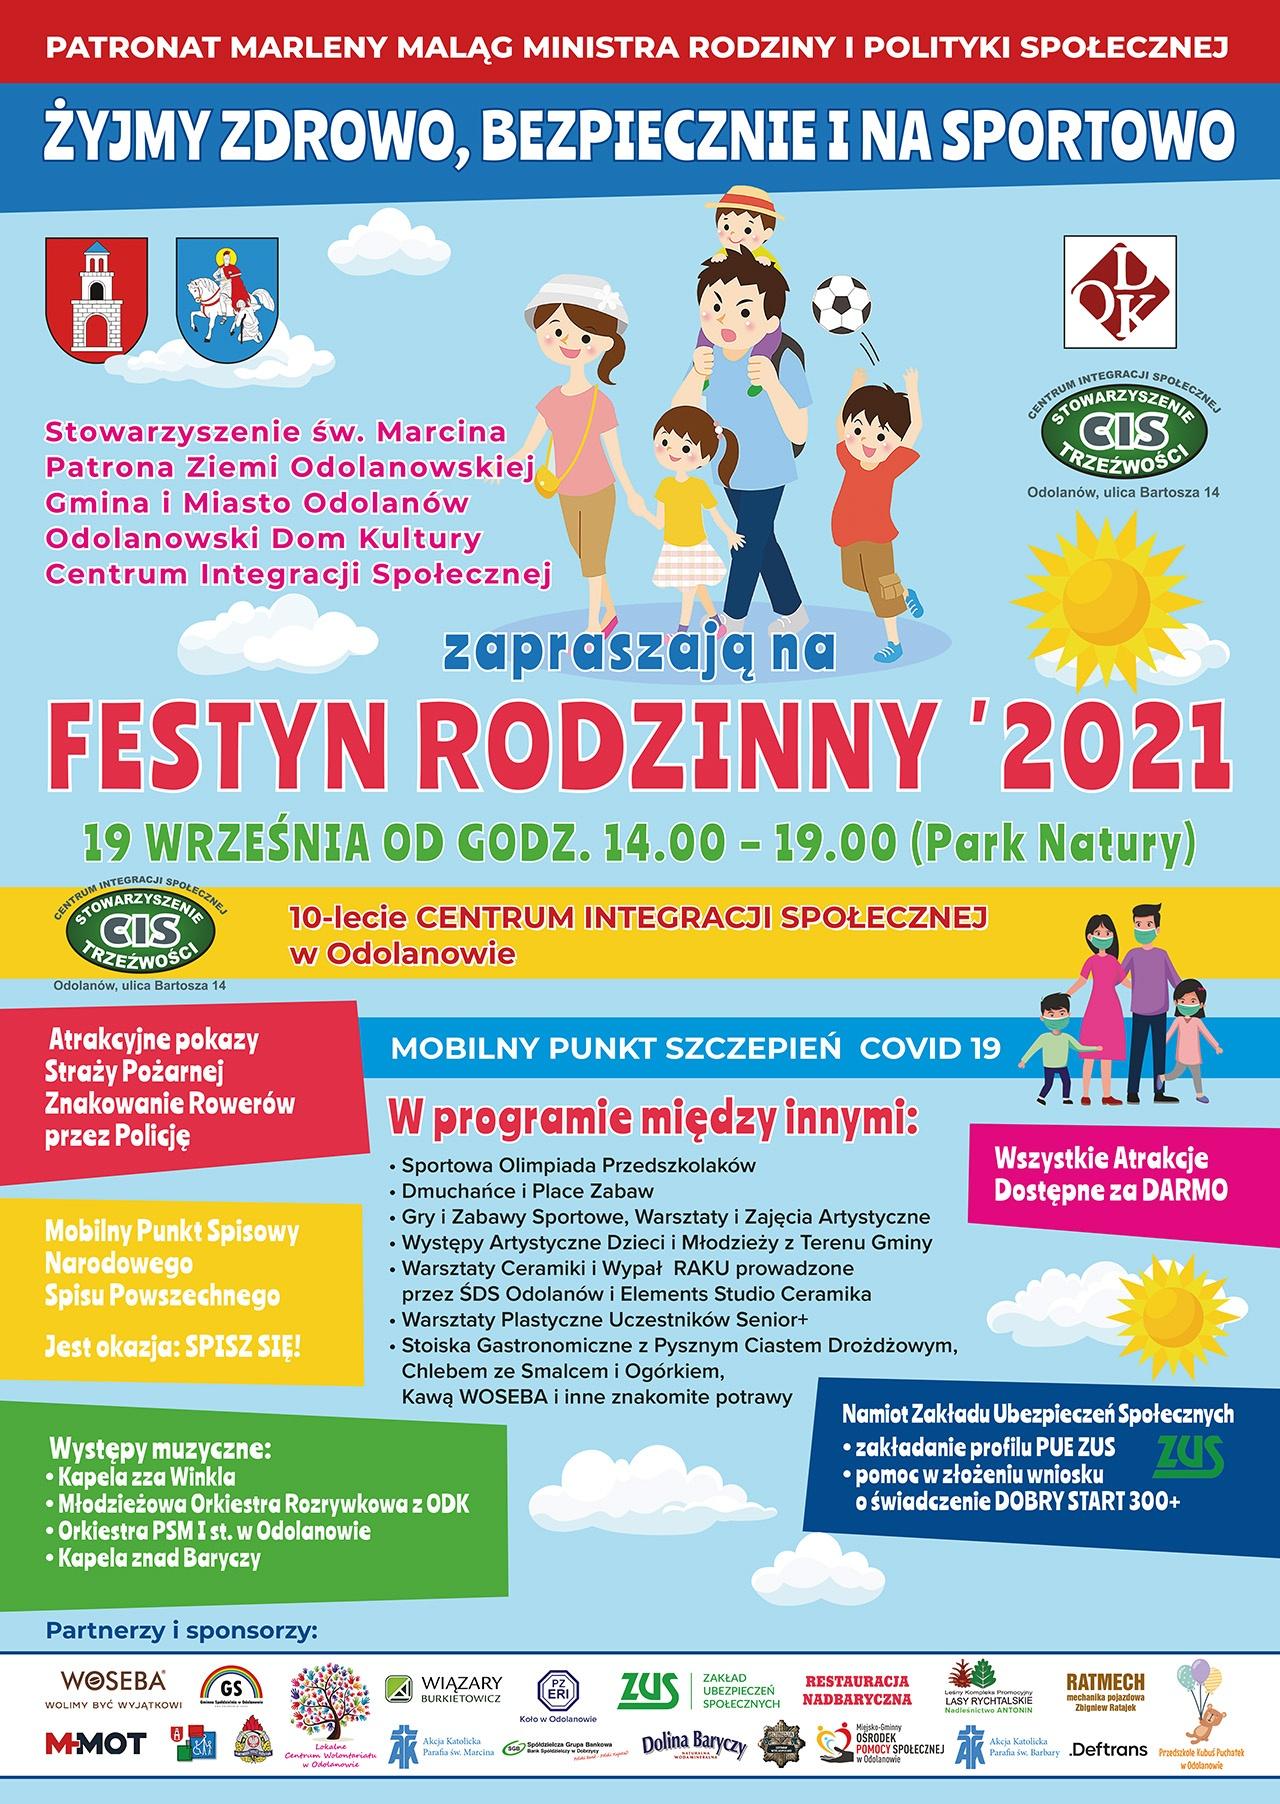 festyn rodzinny 2021 odolanow - Festyn Rodzinny w Odolanowie.